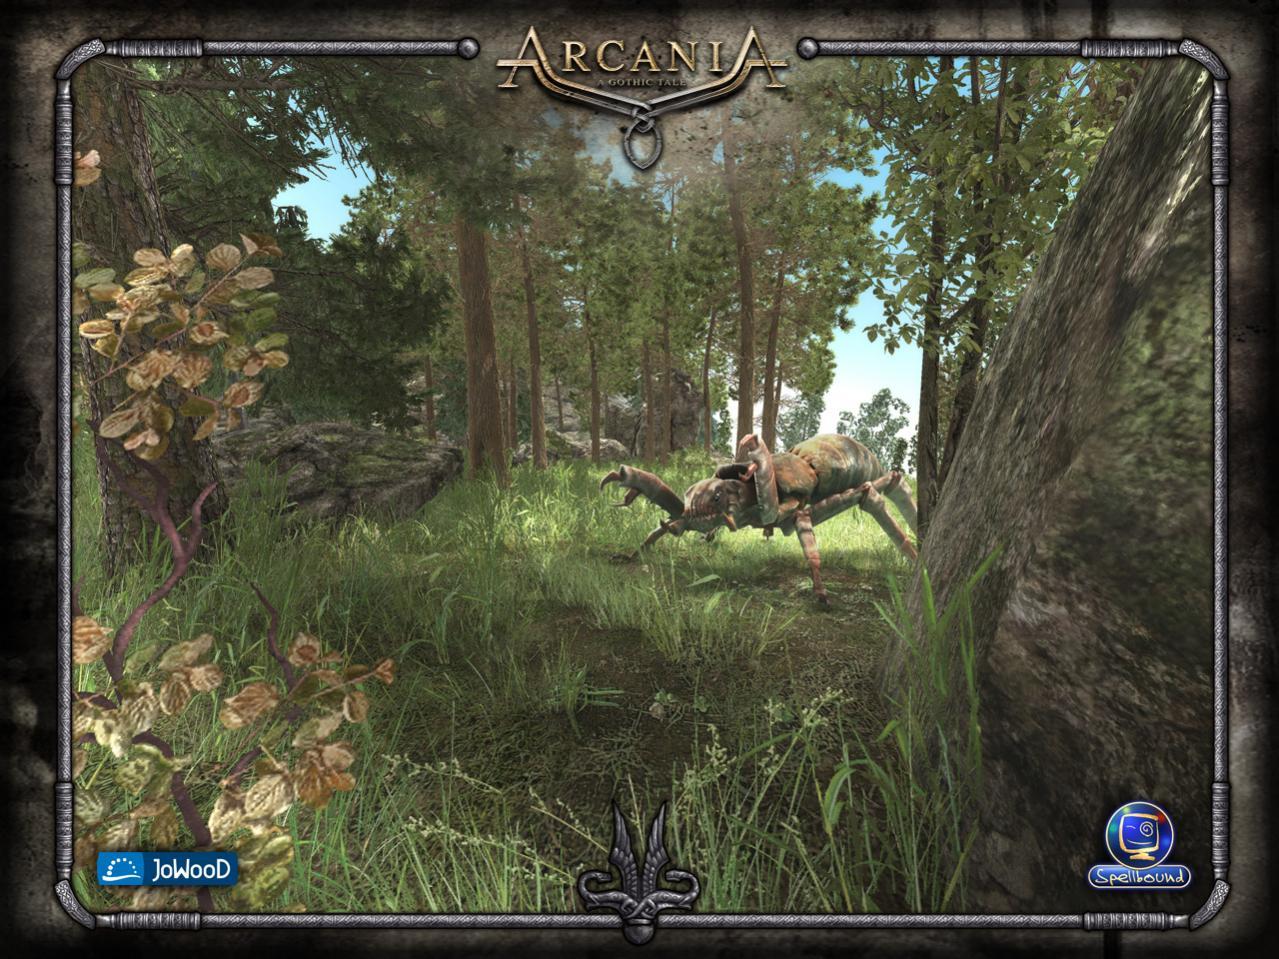 Klicke auf die Grafik für eine größere Ansicht  Name:arcania_new.jpg Hits:74 Größe:236,1 KB ID:77775